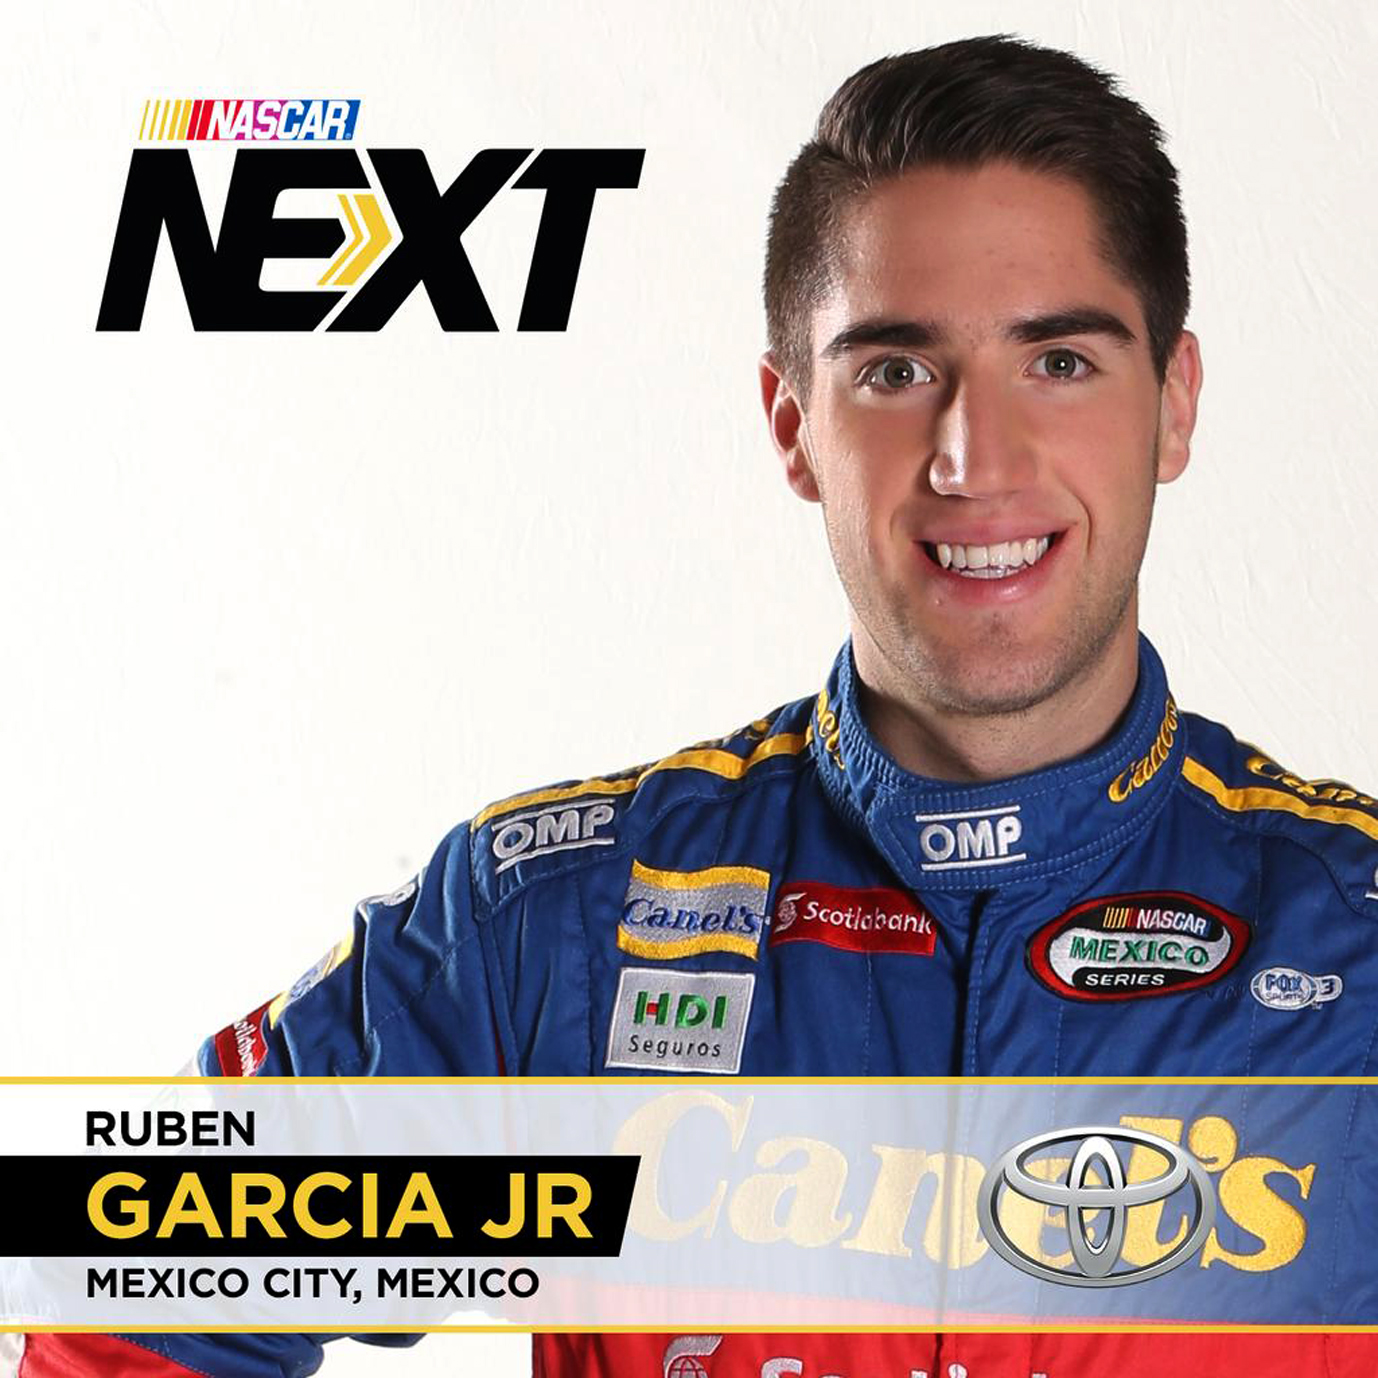 Rubén García Jr. es Nominado al programa de jóvenes pilotos NASCAR Next